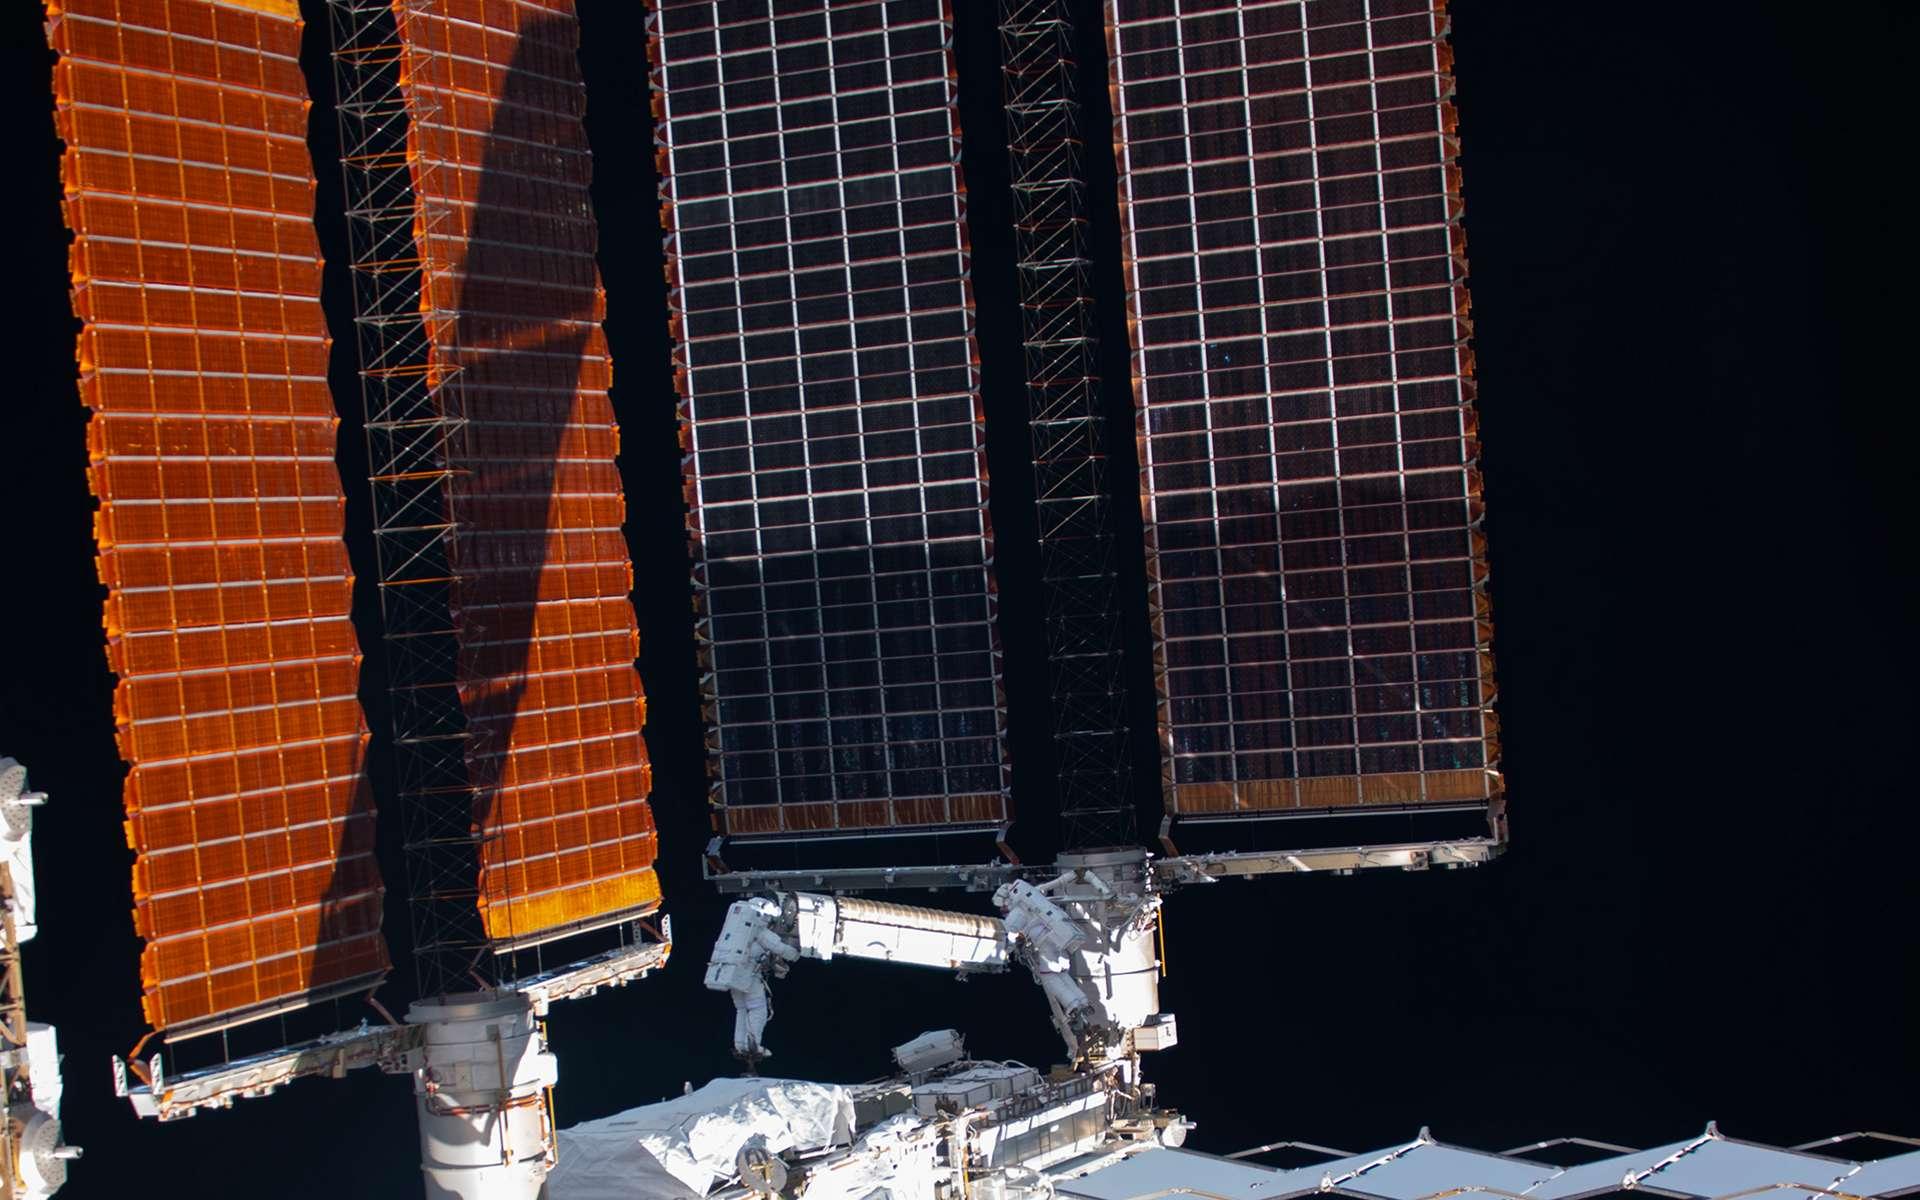 Cette image, acquise depuis l'intérieur de la Station spatiale internationale, permet de se rendre compte de la taille des panneaux solaires du complexe orbital. Thomas Pesquet et Shane Kimbrough sont à la manœuvre pour installer le premier panneau solaire iRosa. © Nasa